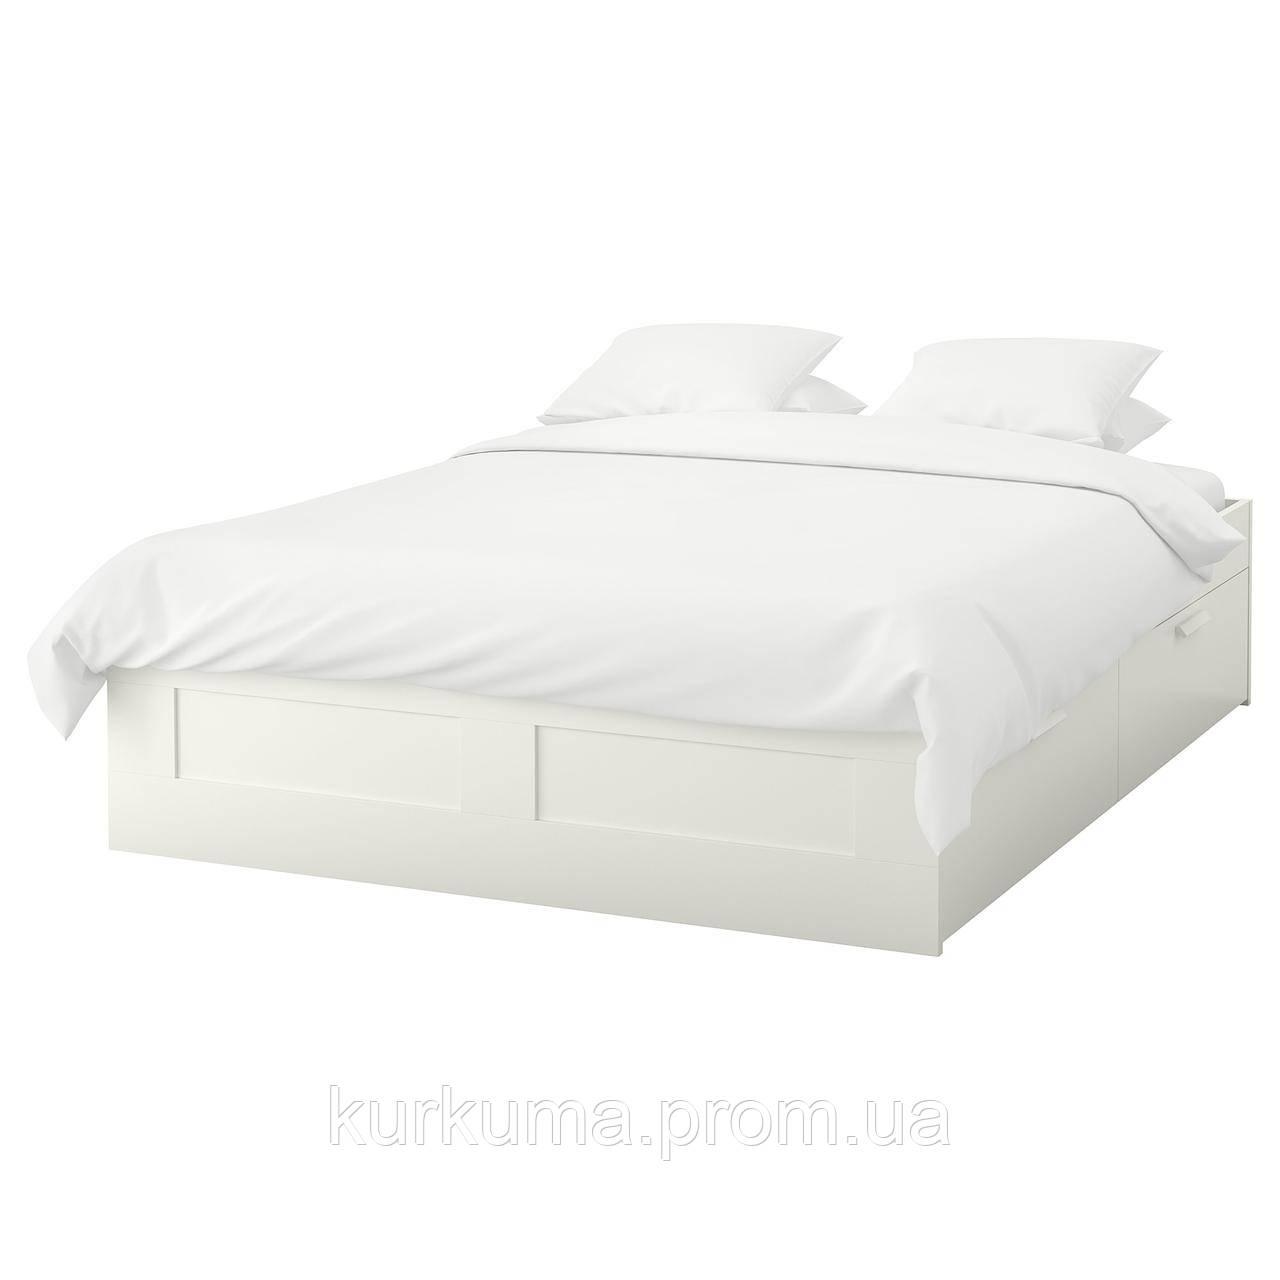 IKEA BRIMNES Кровать с ящиками, белый, Лонсет  (290.187.35)